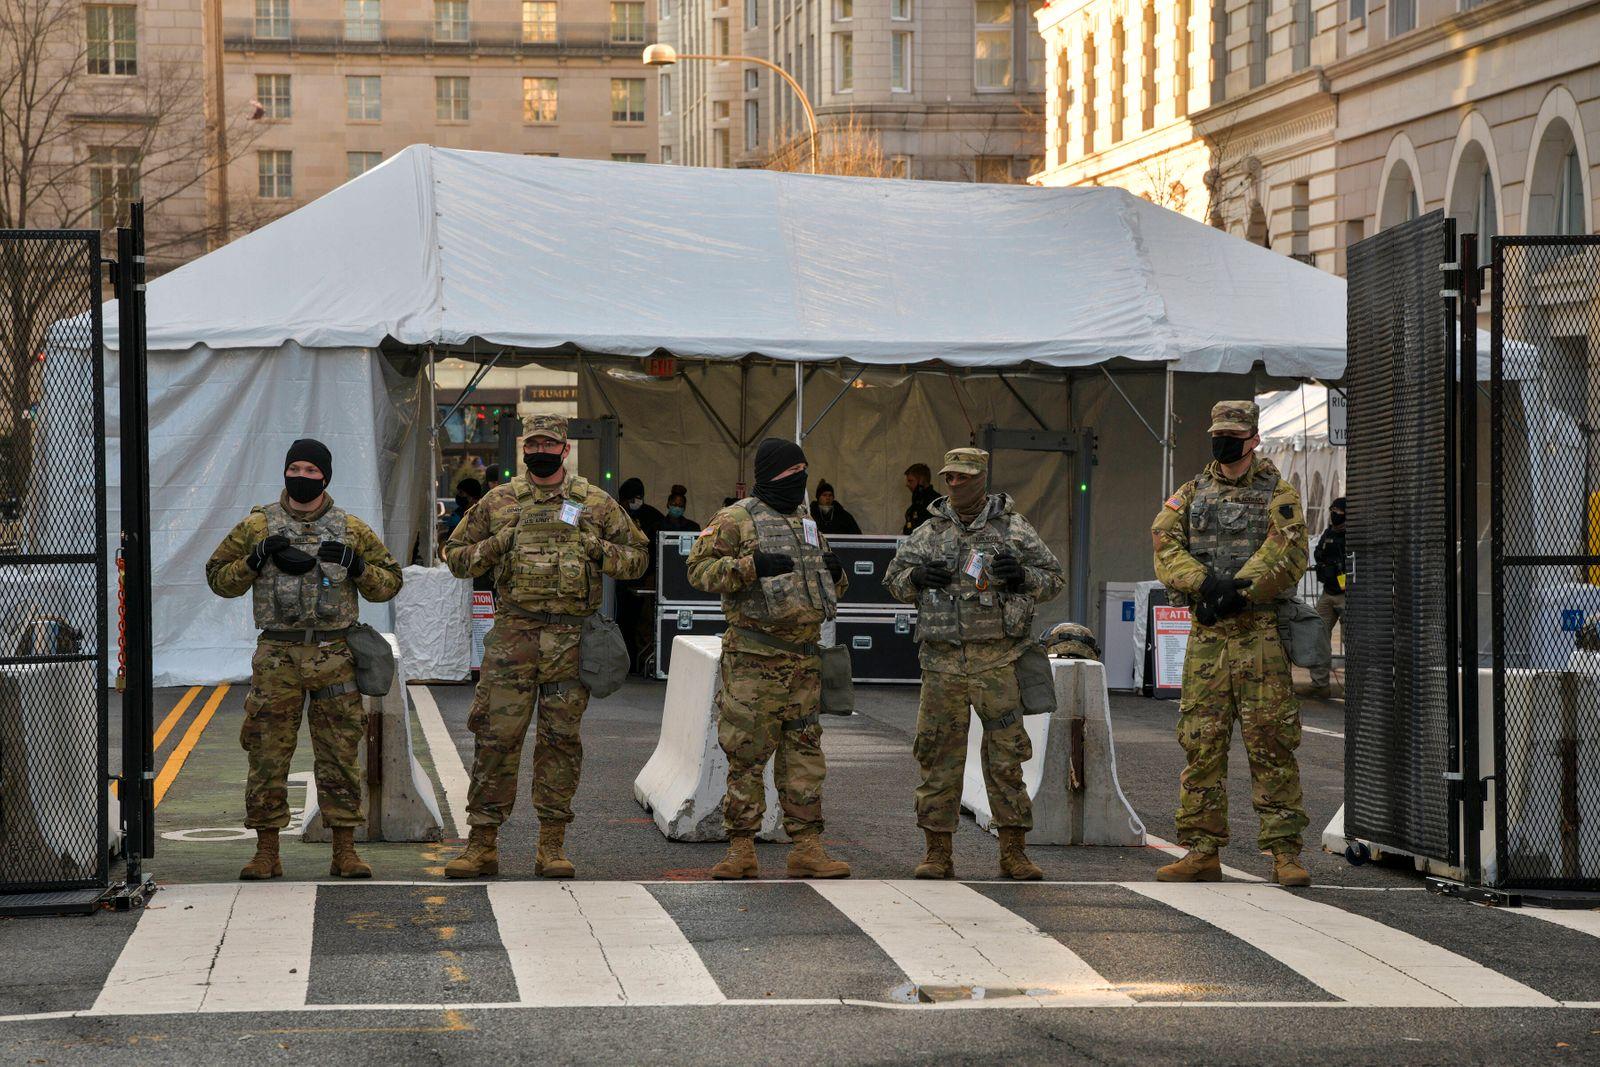 Washington, Amtseinführung des neuen US-Präsidenten Joe Biden - Sicherheitsvorkehrungen Washington DC - January 20: Inau